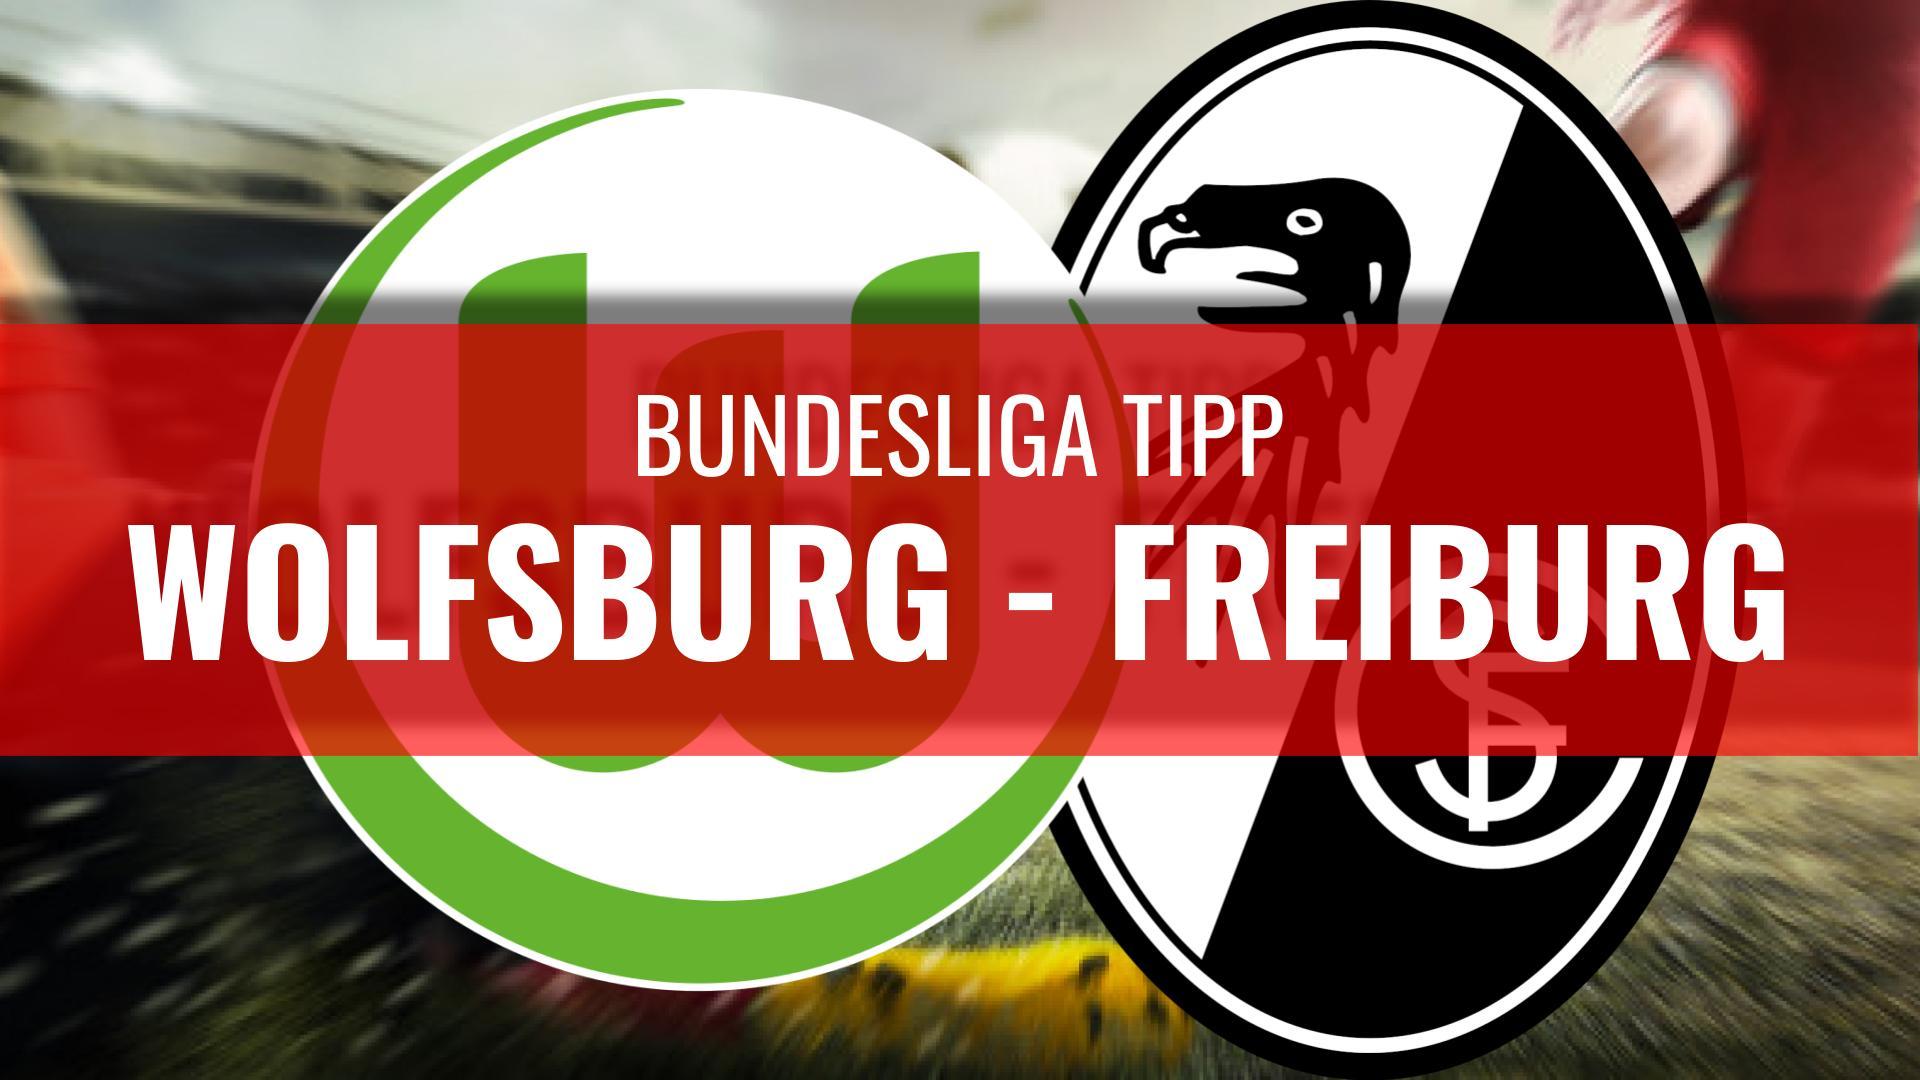 Wolfsburg - Freiburg